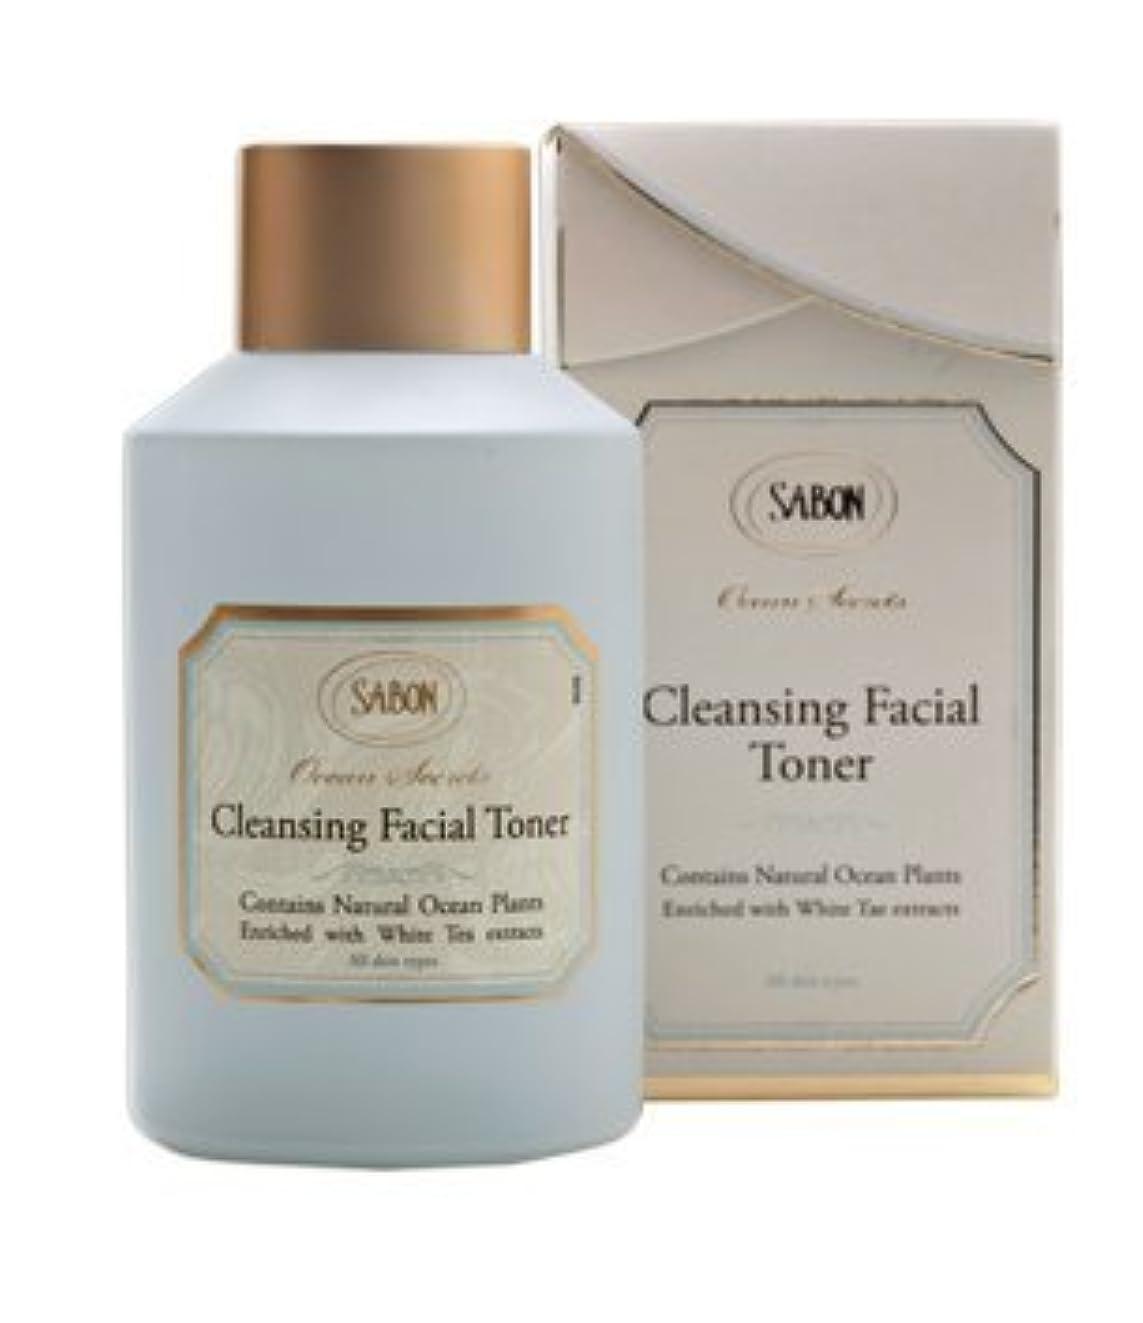 白菜フェッチそれに応じて【SABON(サボン)】Ocean Secrets - Cleansing Facial Toner (125ml) 拭き取り用化粧水 イスラエル発 並行輸入品 海外直送